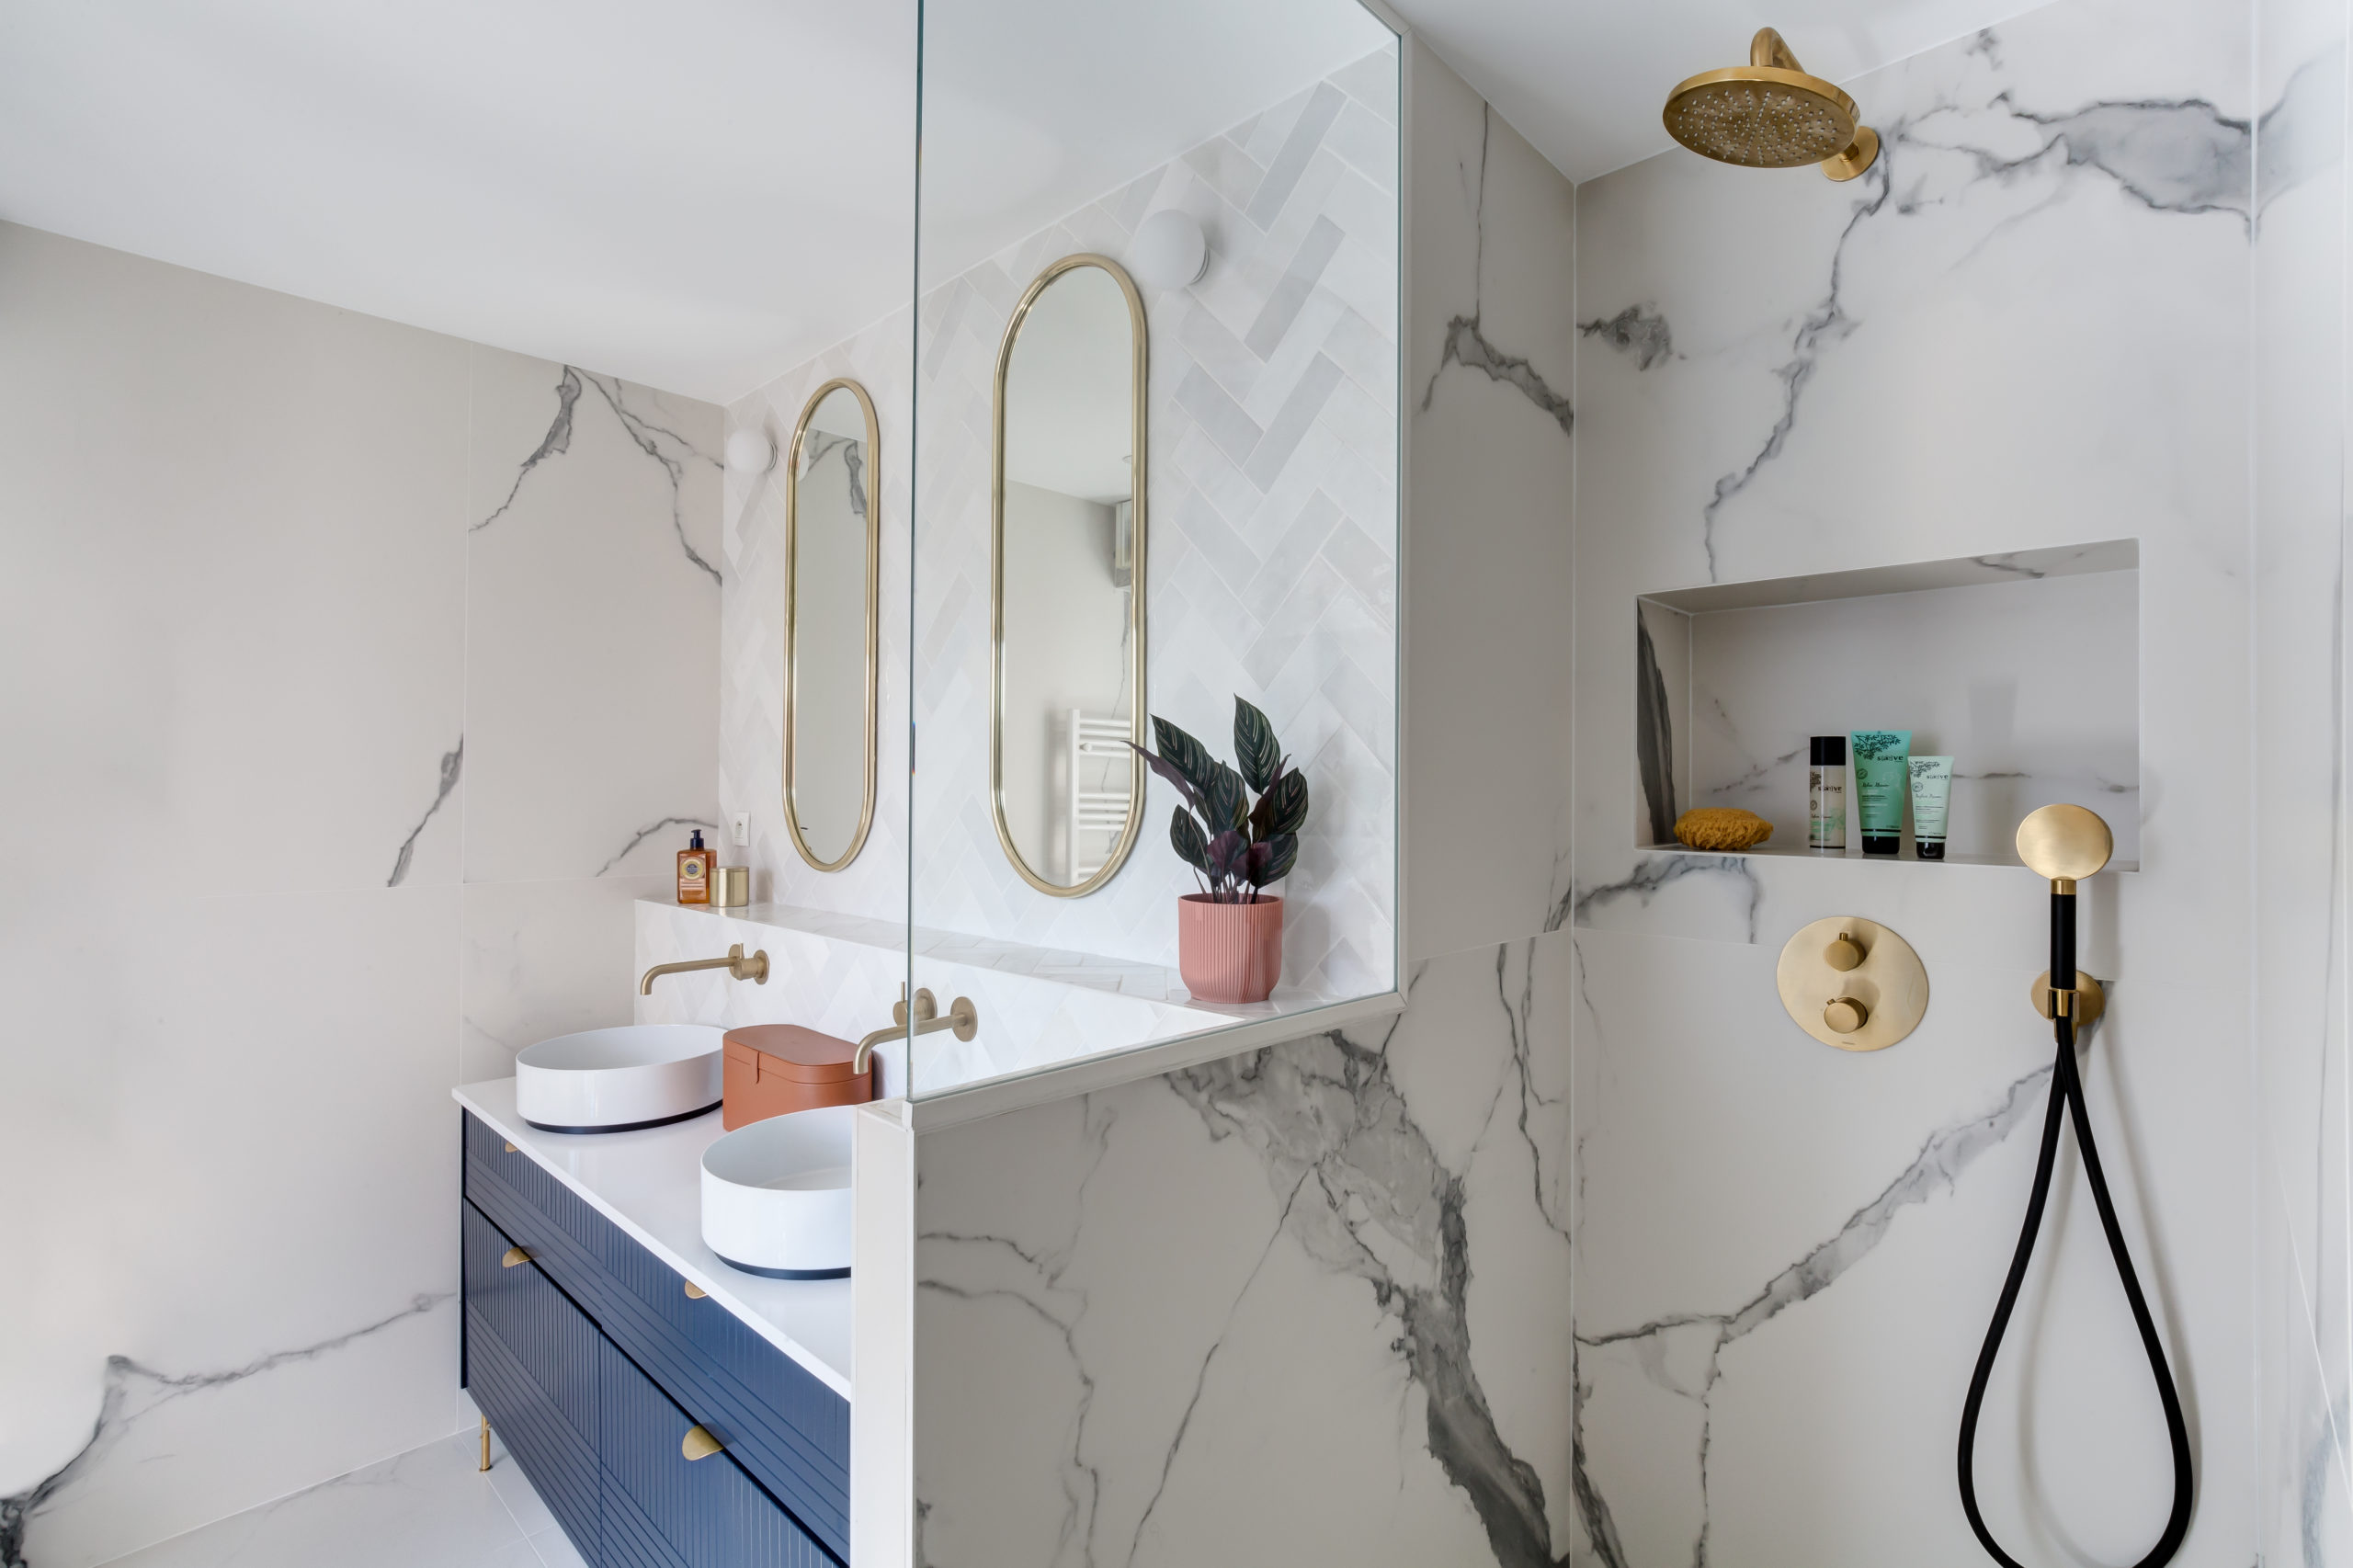 Rénovation - salle de bain -douche à l'italienne- marbre blanc - bois